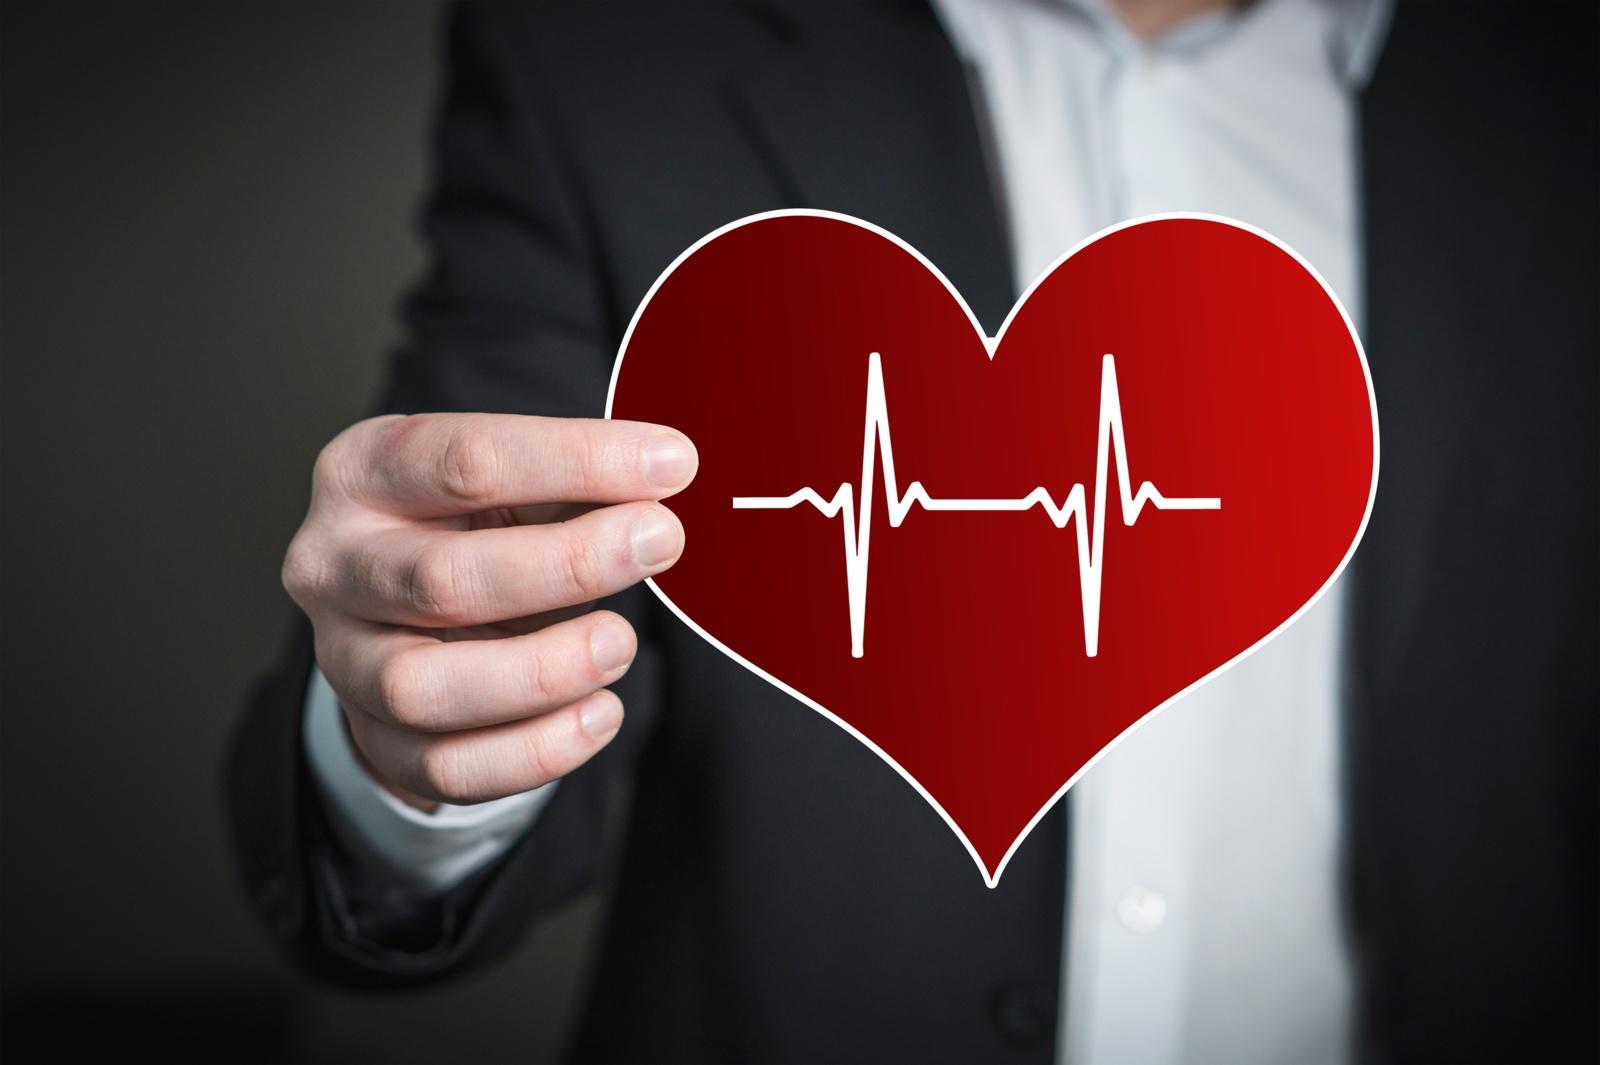 kaip išgydyti kraujagysles, sergančias hipertenzija kodėl ne nikotino rūgštis su hipertenzija